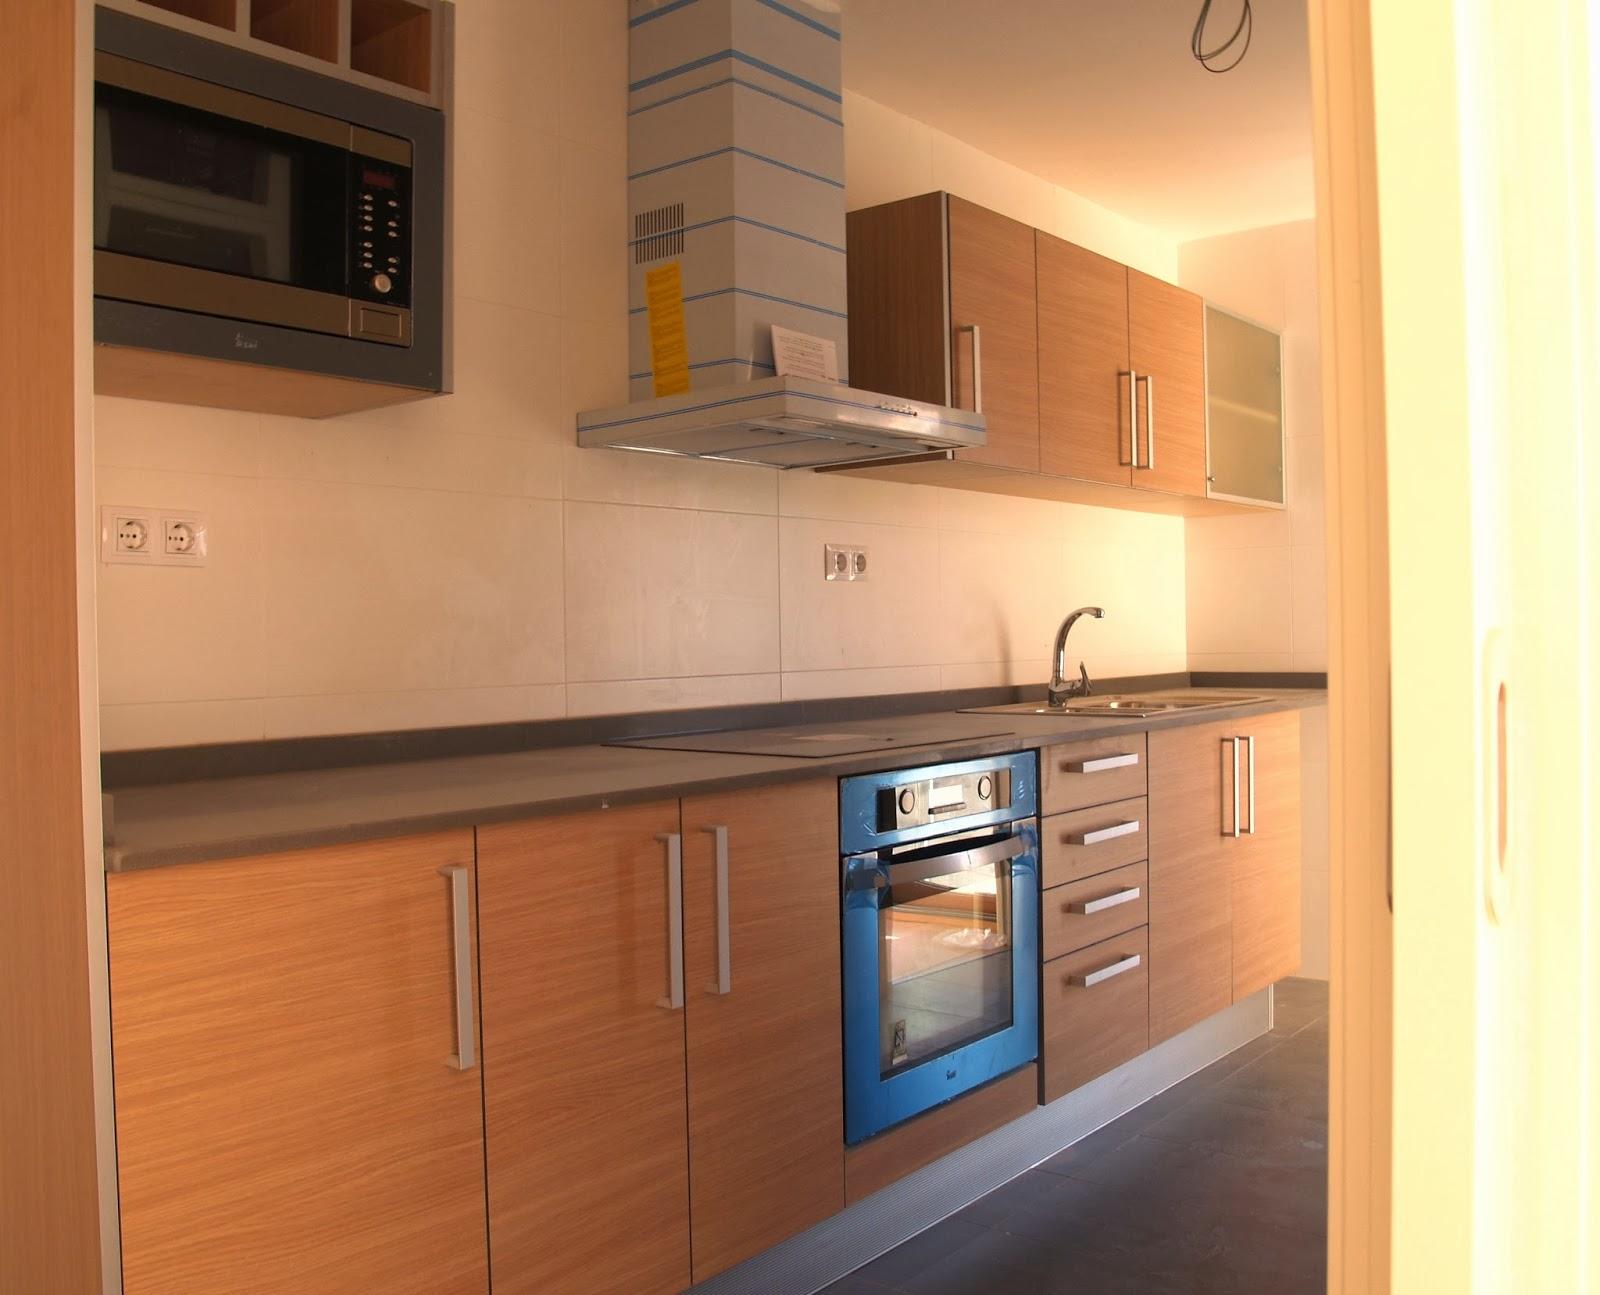 Kit oulet 2012 cocinas a medida a precio de outlet for Precios muebles de cocina a medida